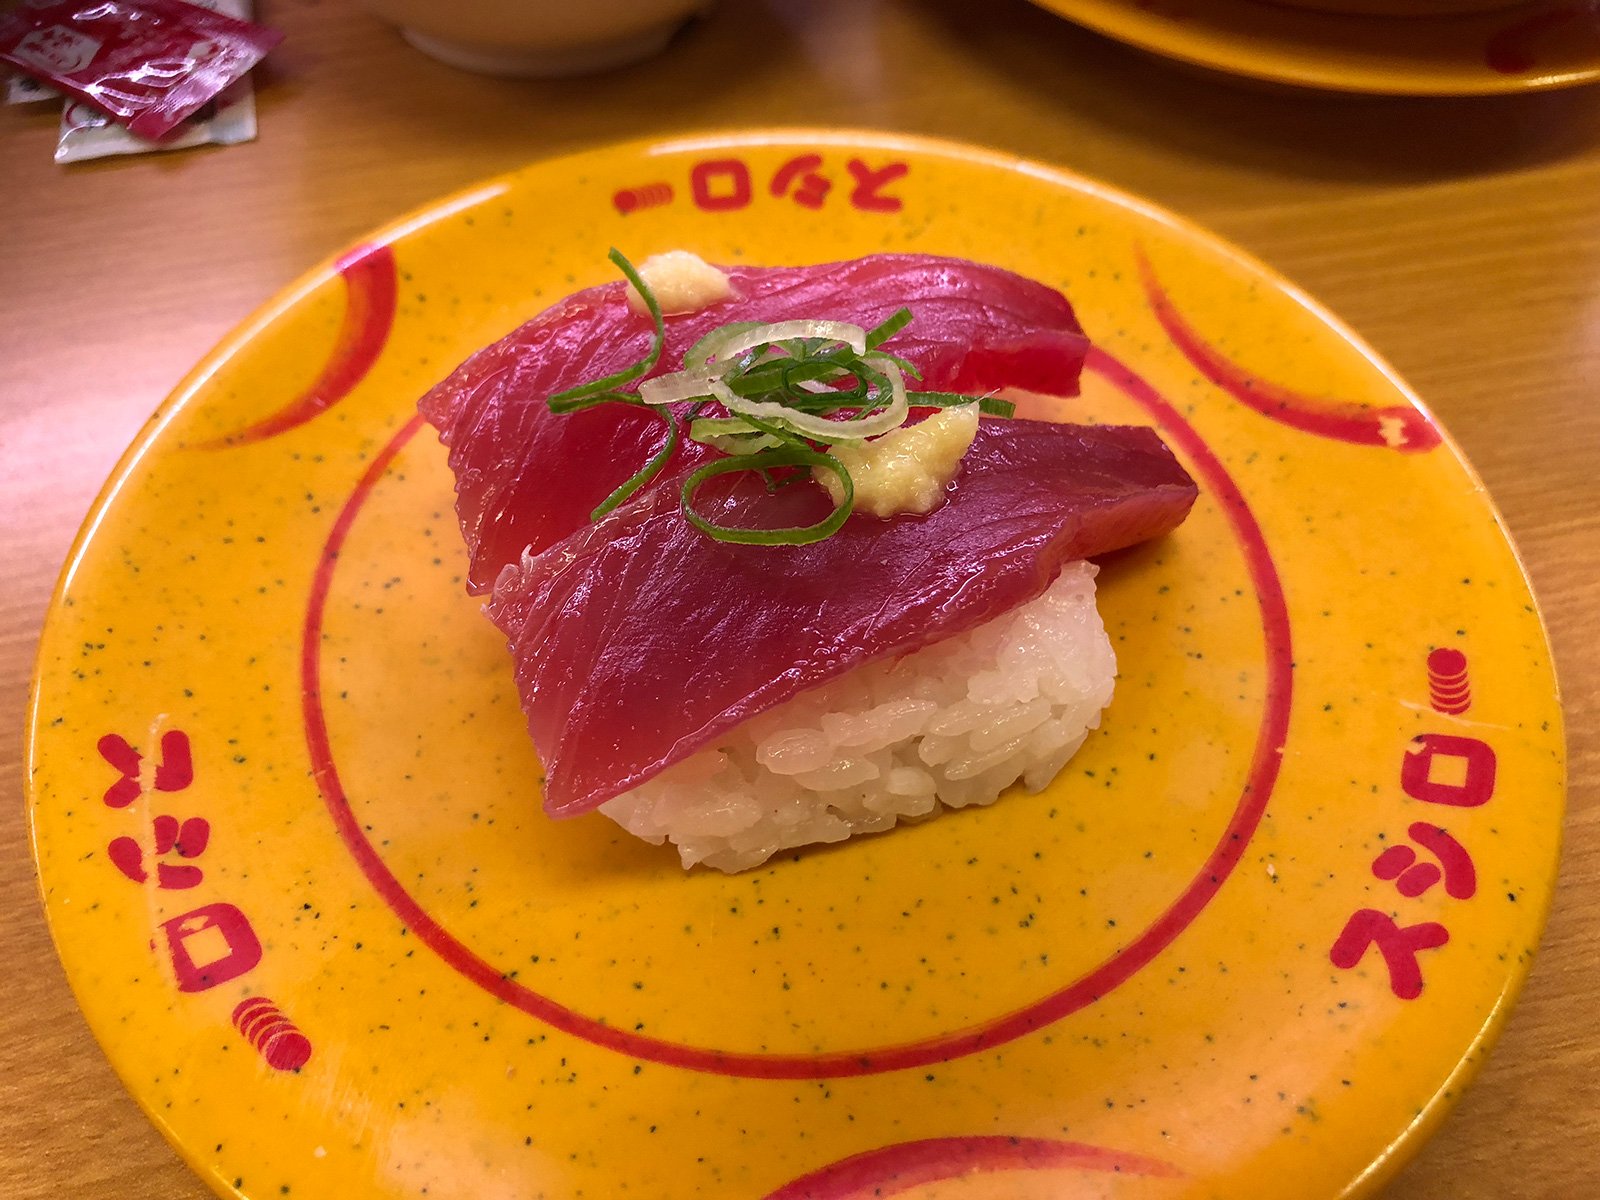 「スシロー清須古城店」のレモンサワーと南瓜の天ぷらとお寿司いろいろ @西枇杷島